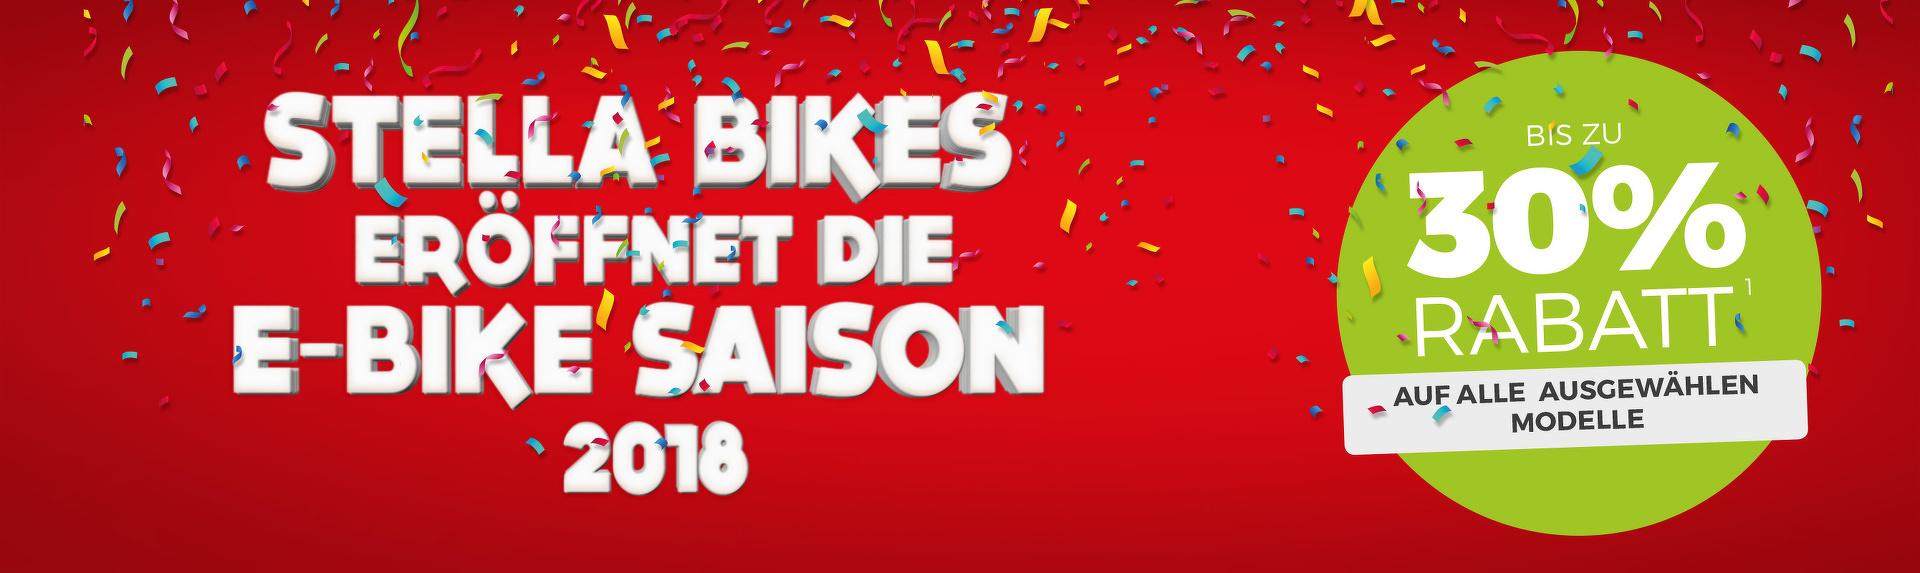 Stella Bikes eröffnet die E-Bike Saison 2018